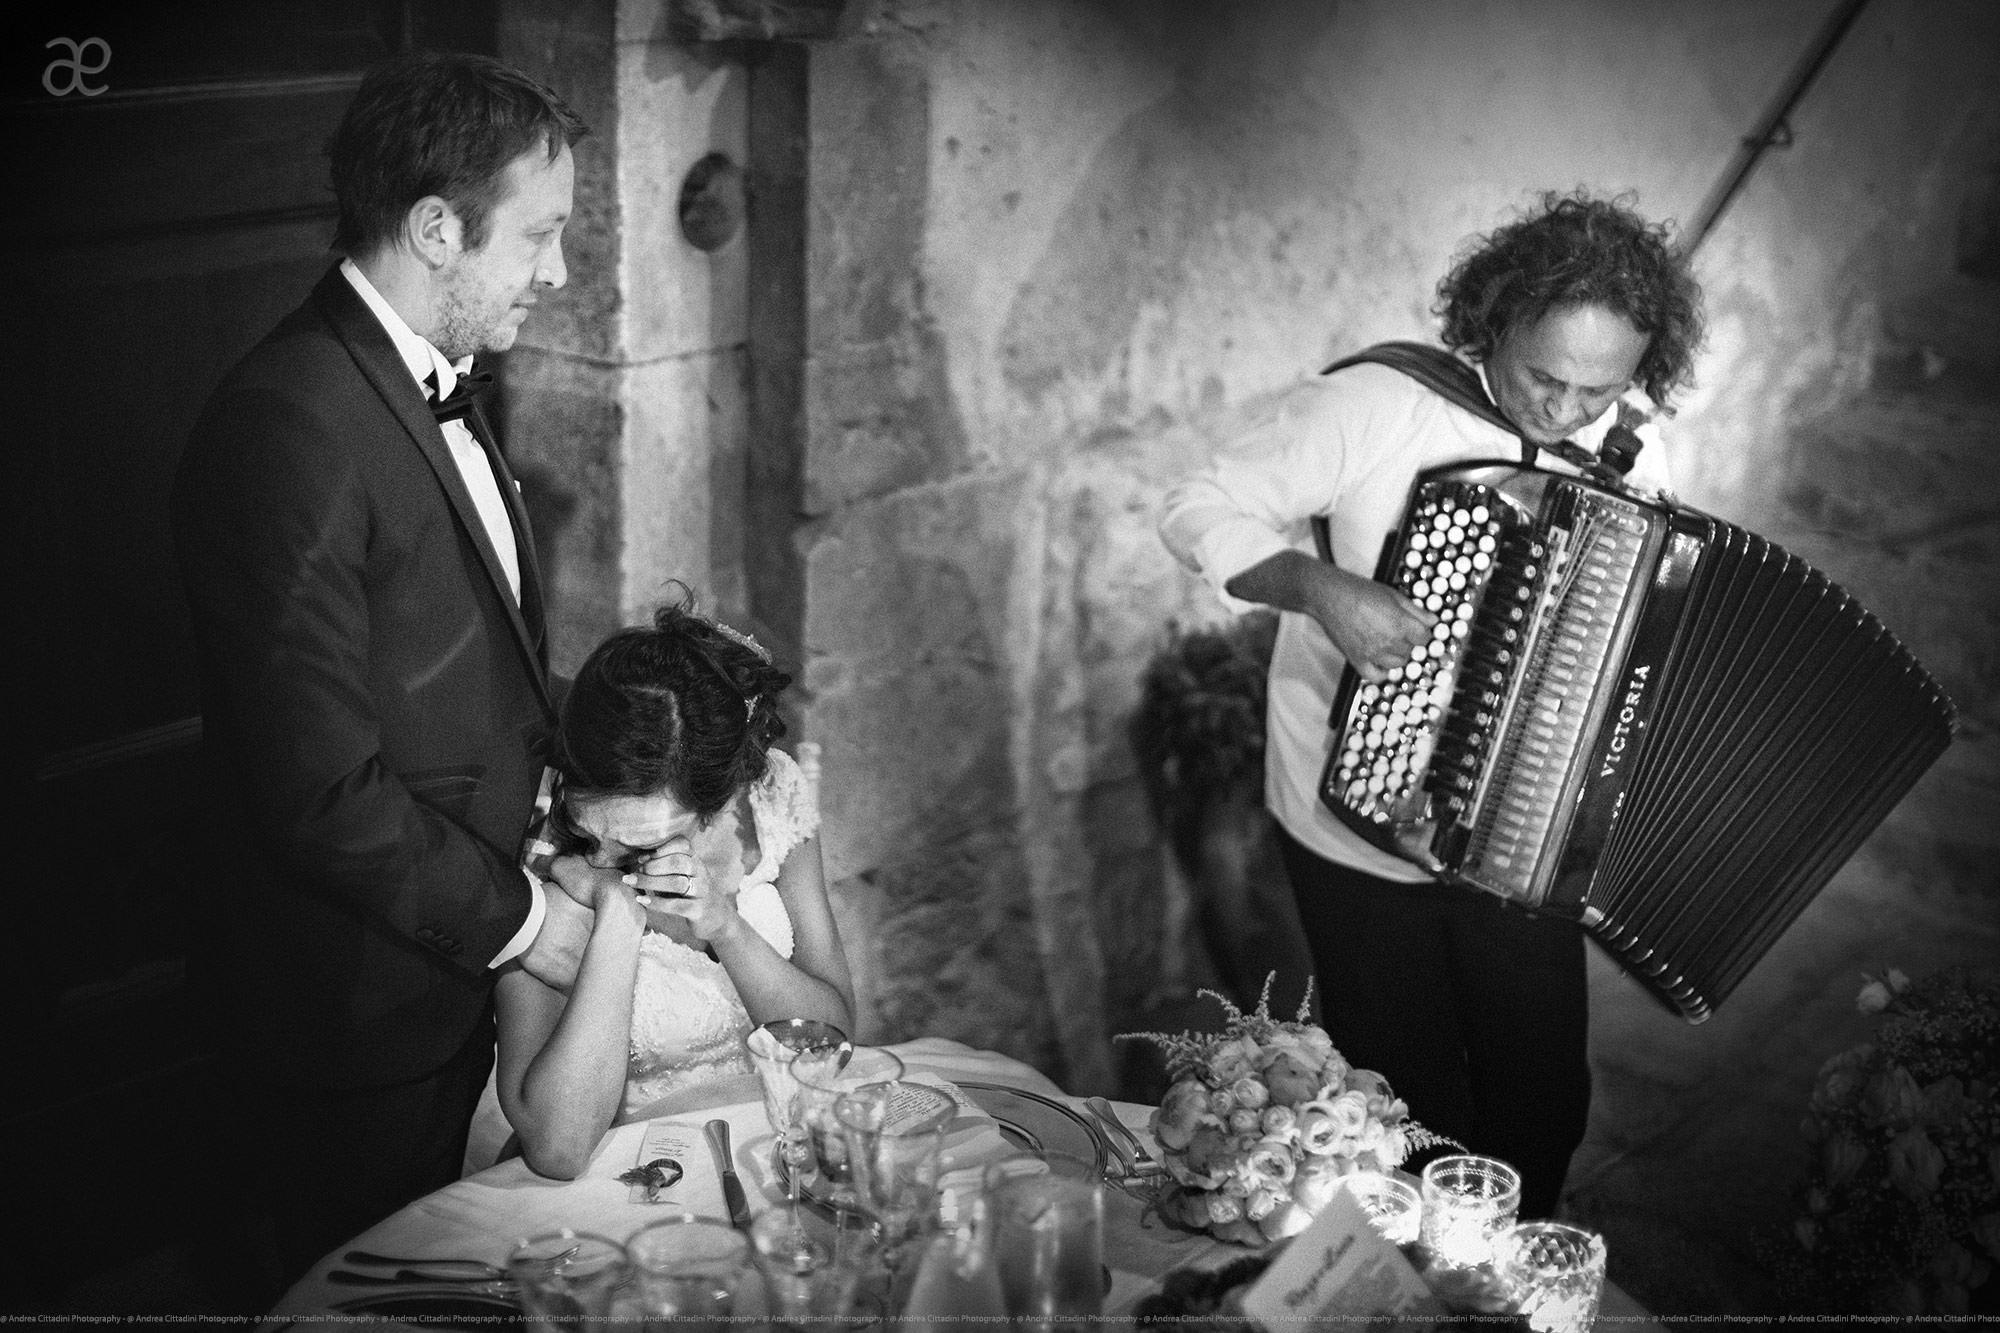 Masters-of-Italian-Wedding-Photography-Awards-Cittadini-Andrea